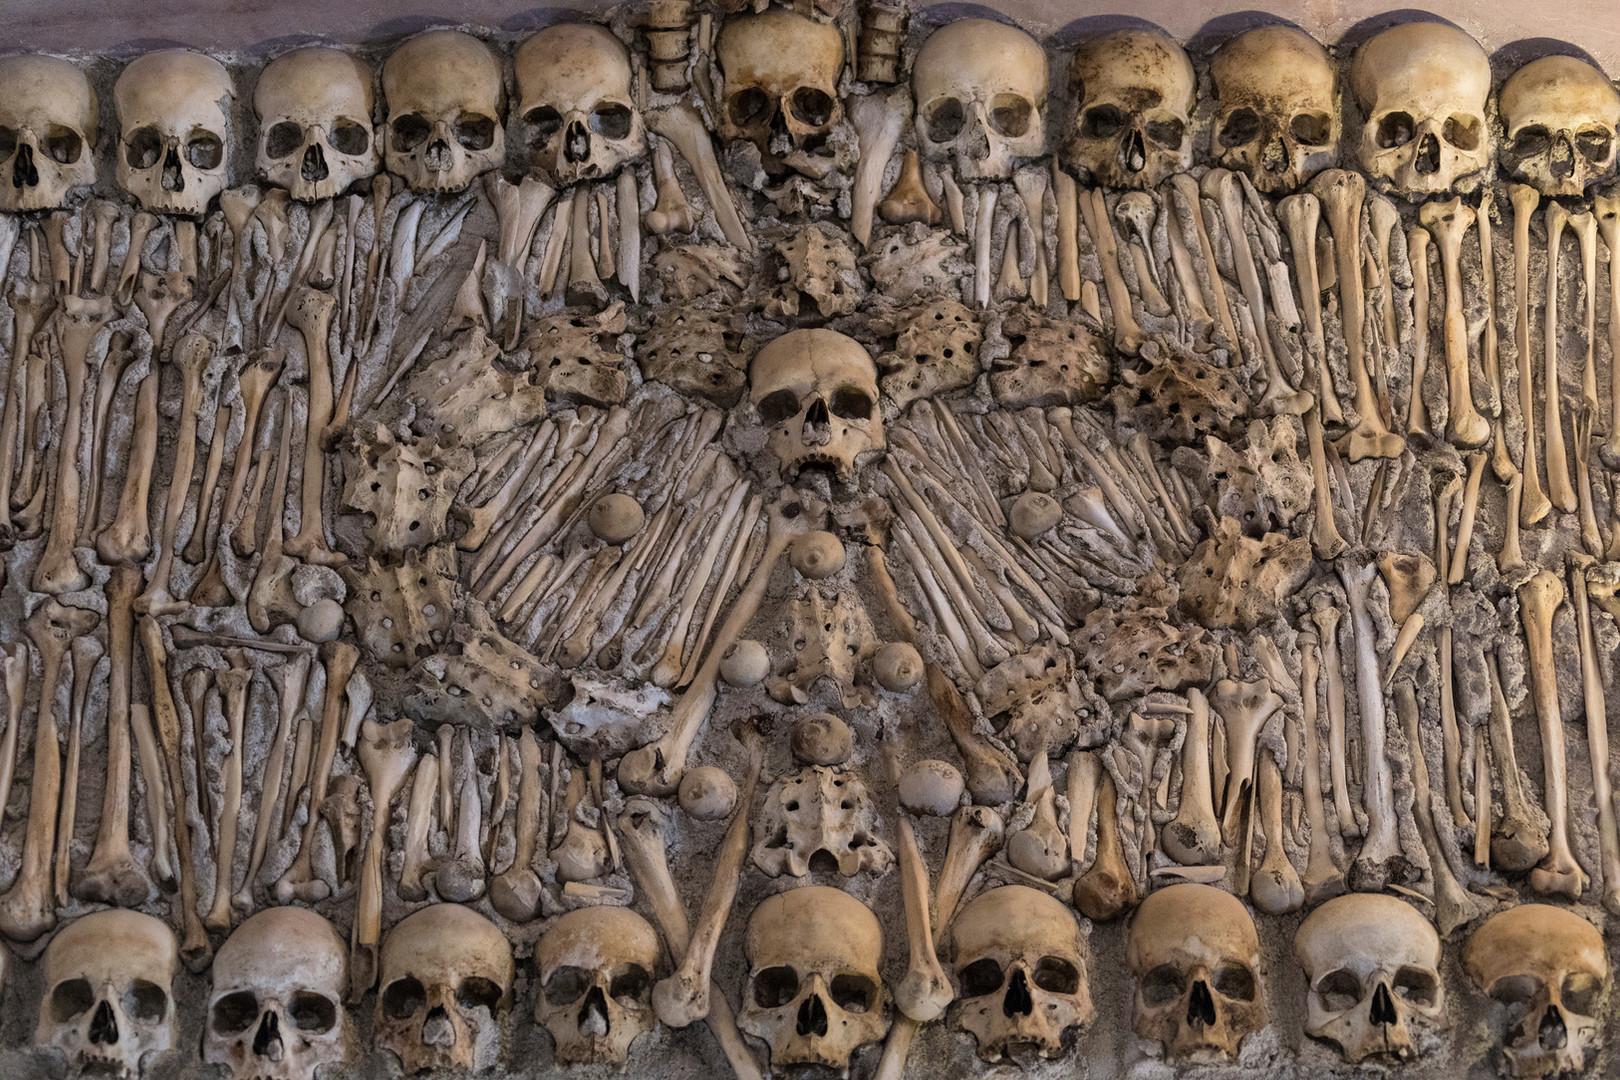 capela-dos-ossos-or-chapel-of-bones-is-o